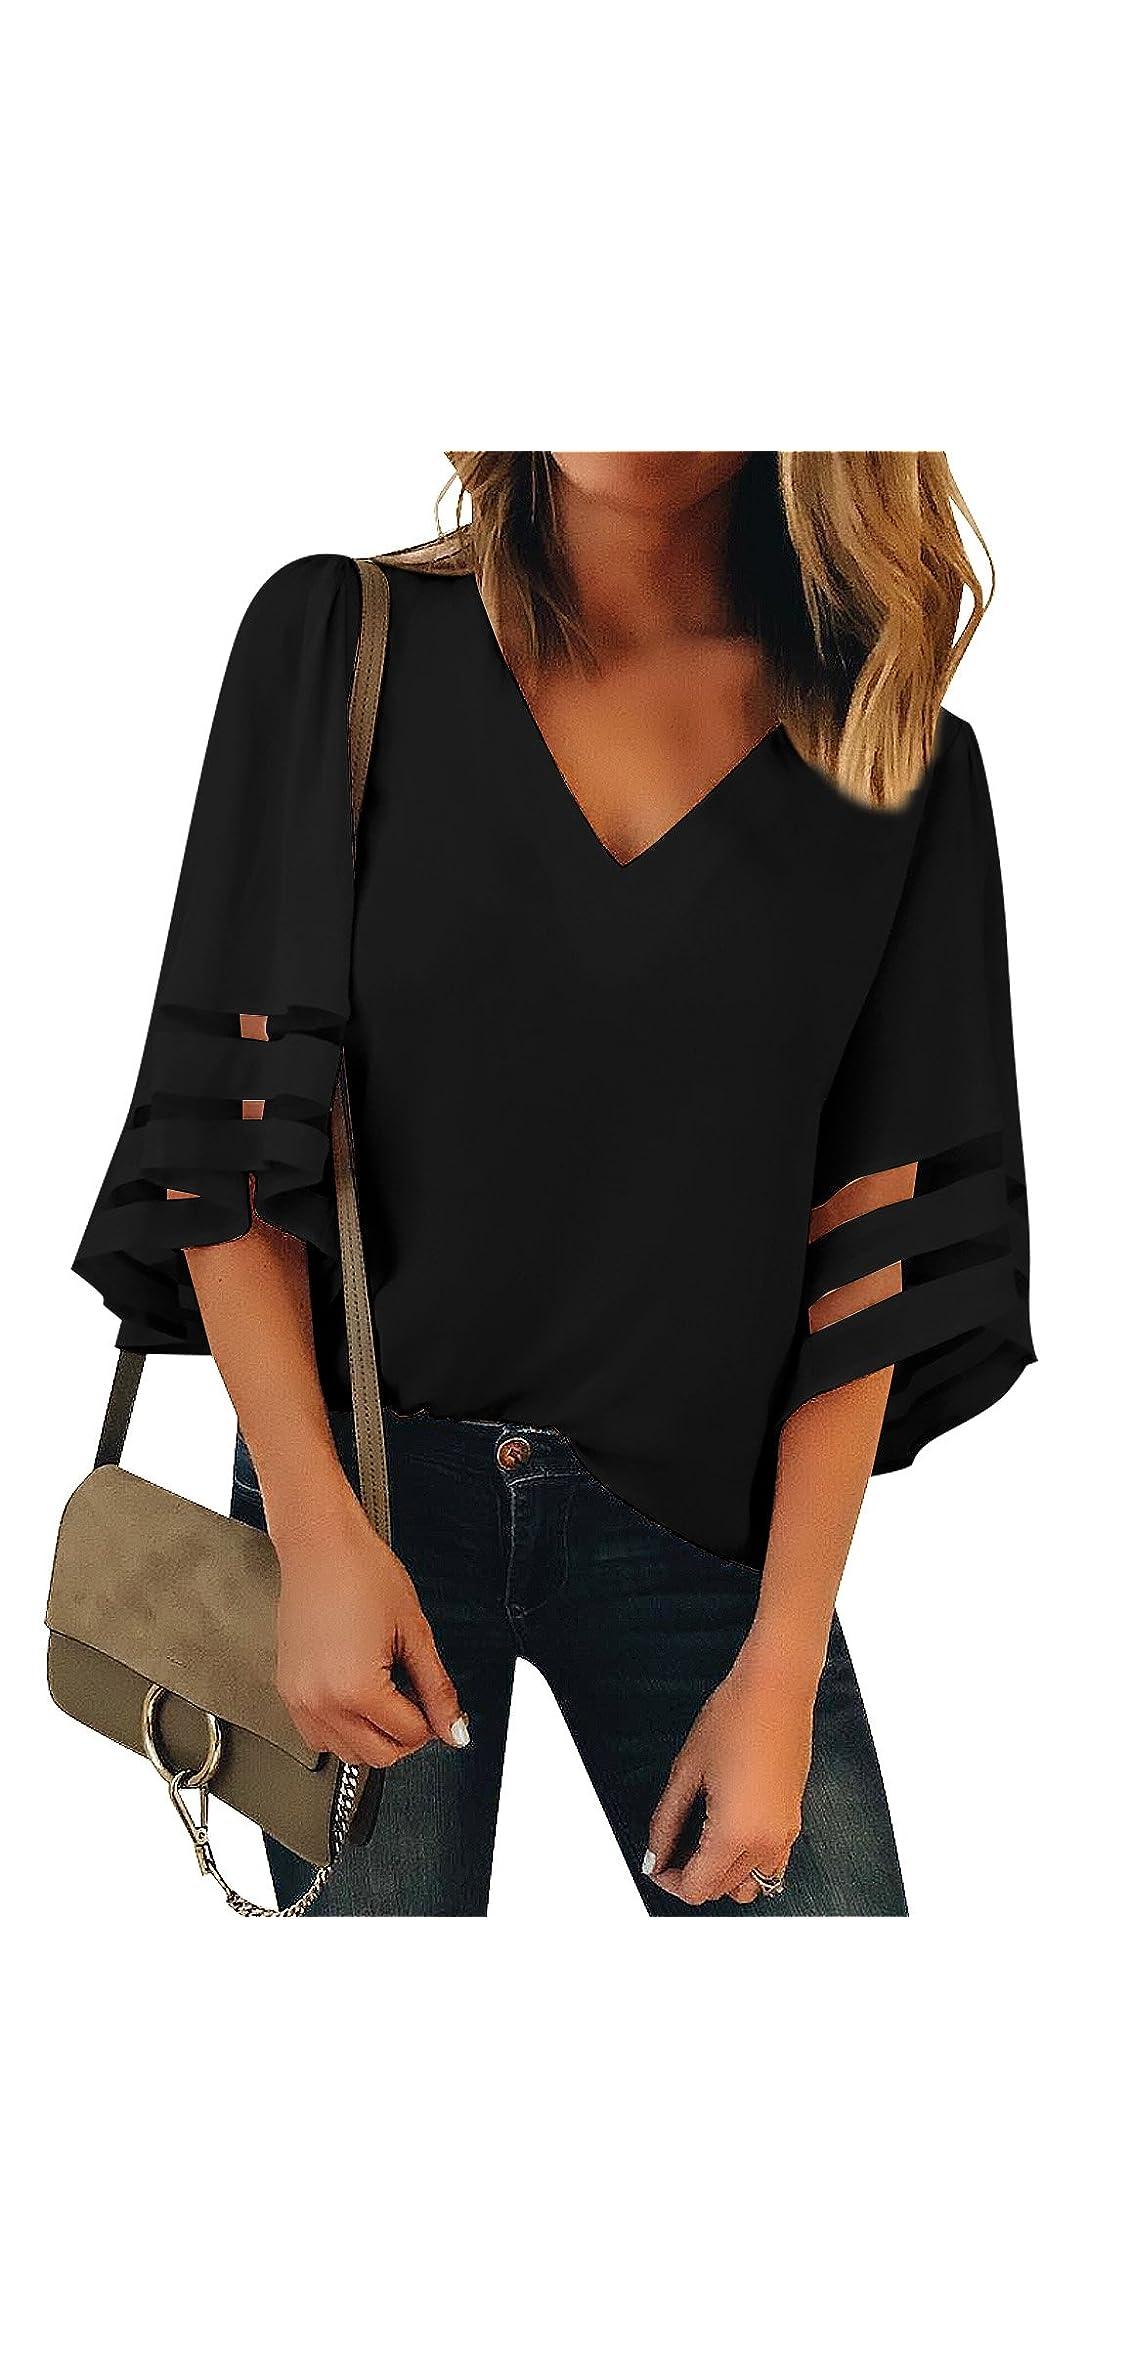 Women's V Neck Mesh Panel Blouse / Bell Sleeve